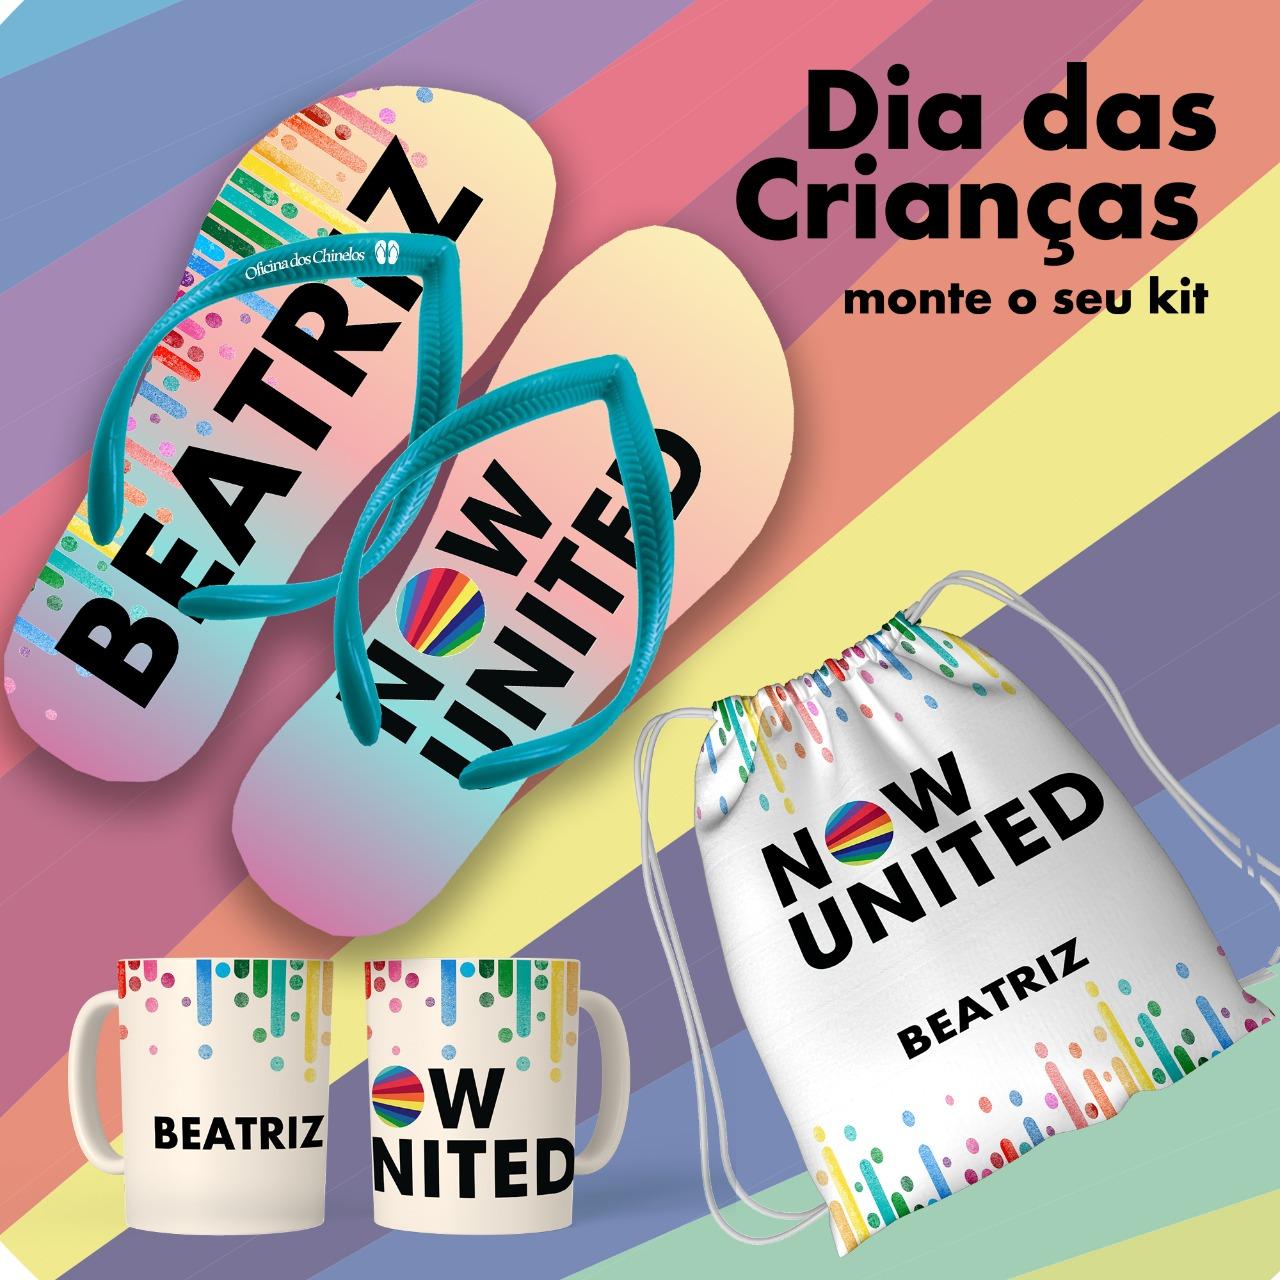 Kit dia das Crianças - Now United